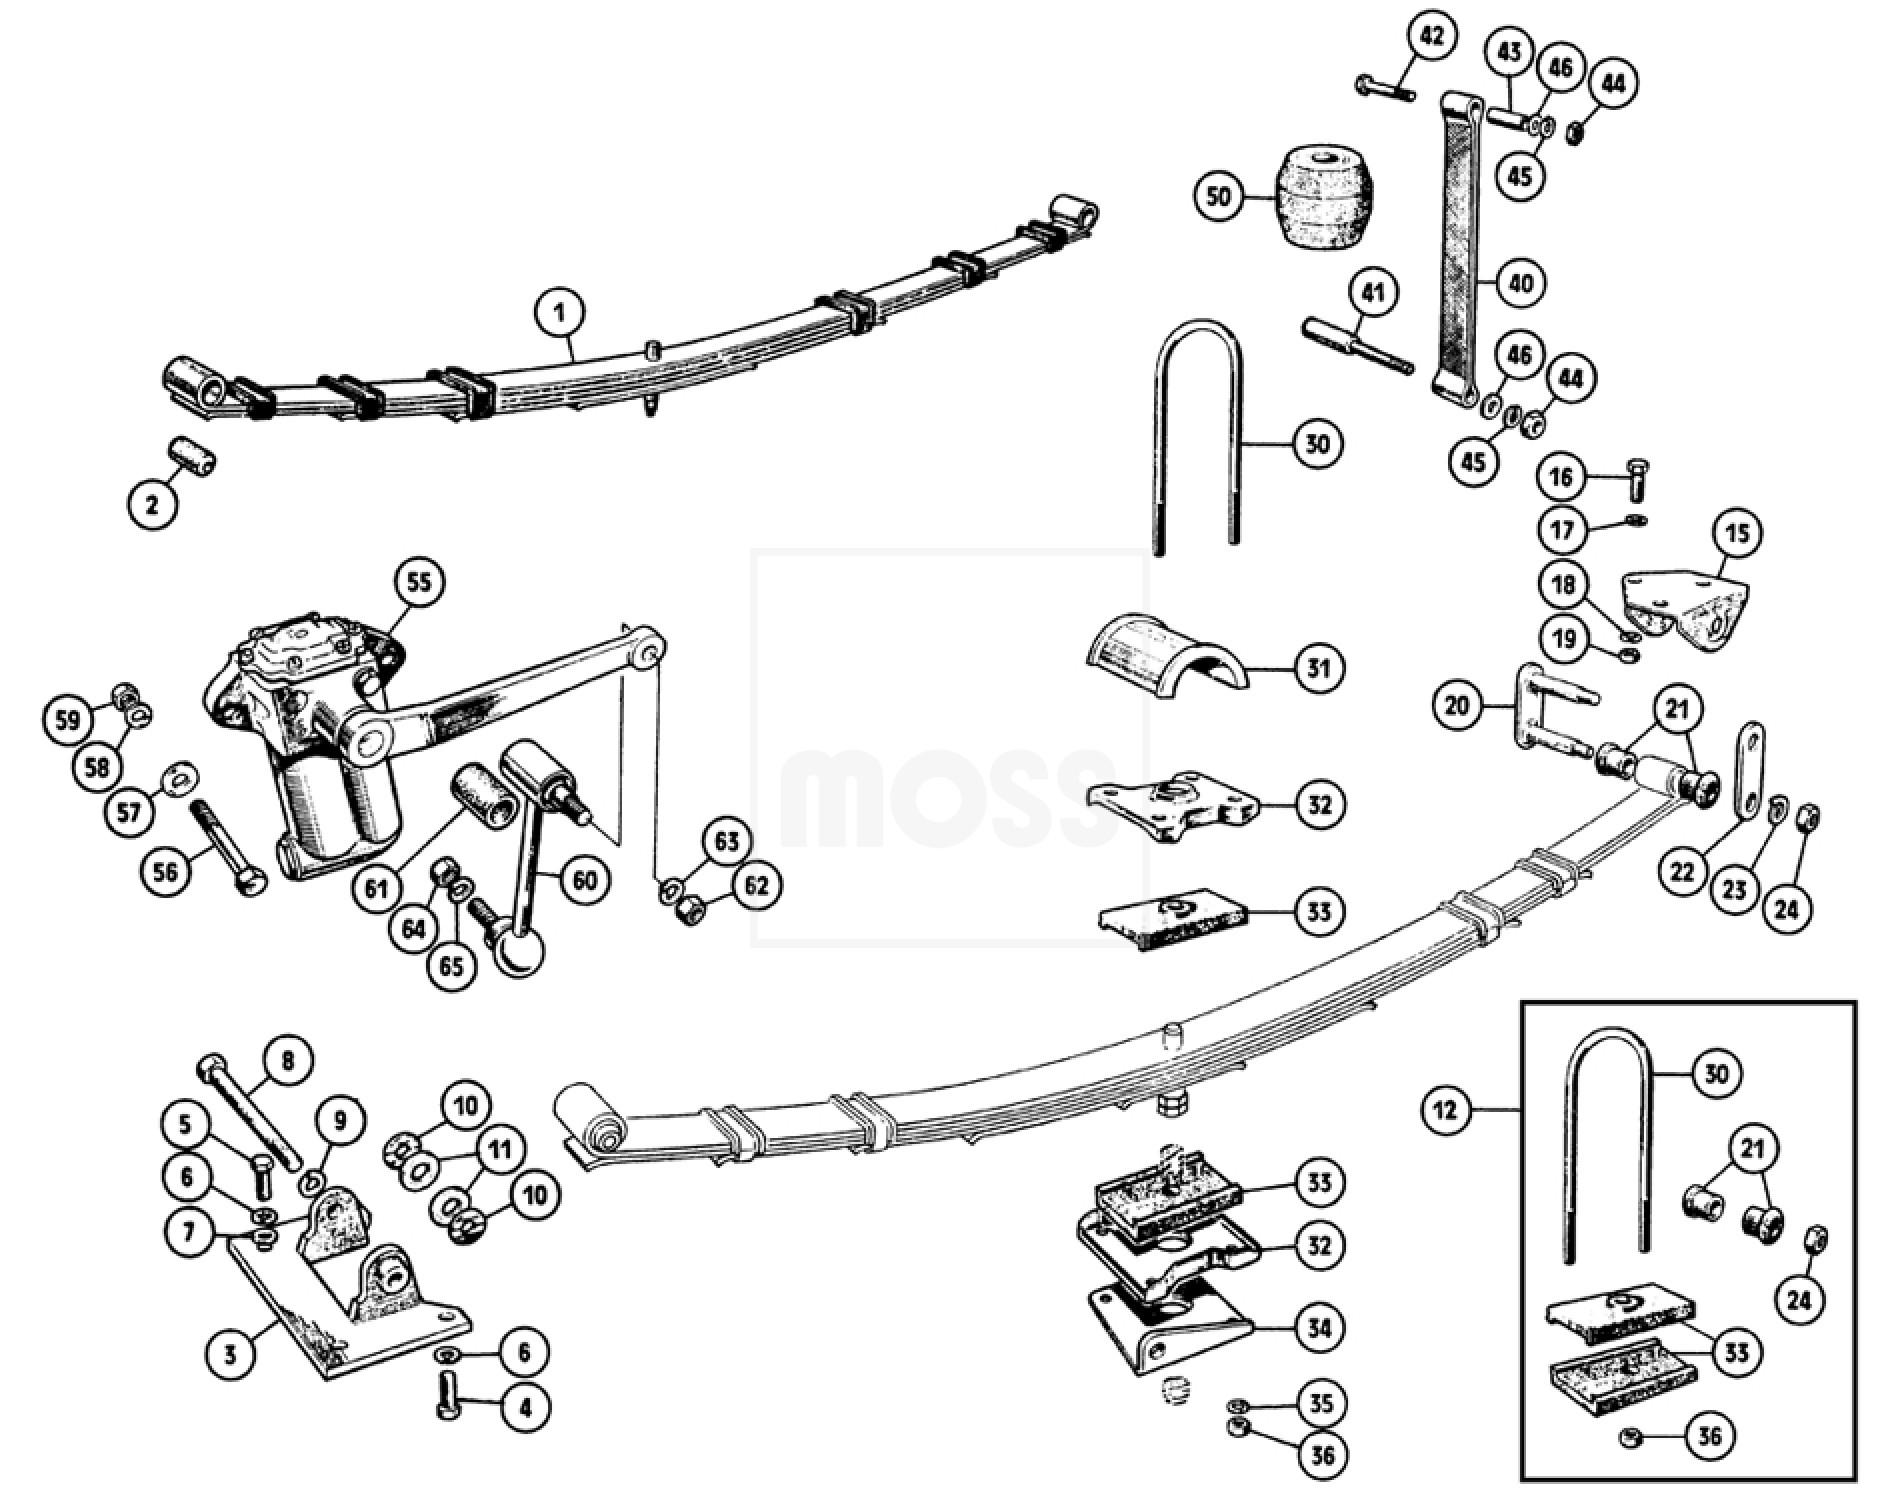 Austin Healey Sprite Wiring Diagram. Diagram. Auto Wiring